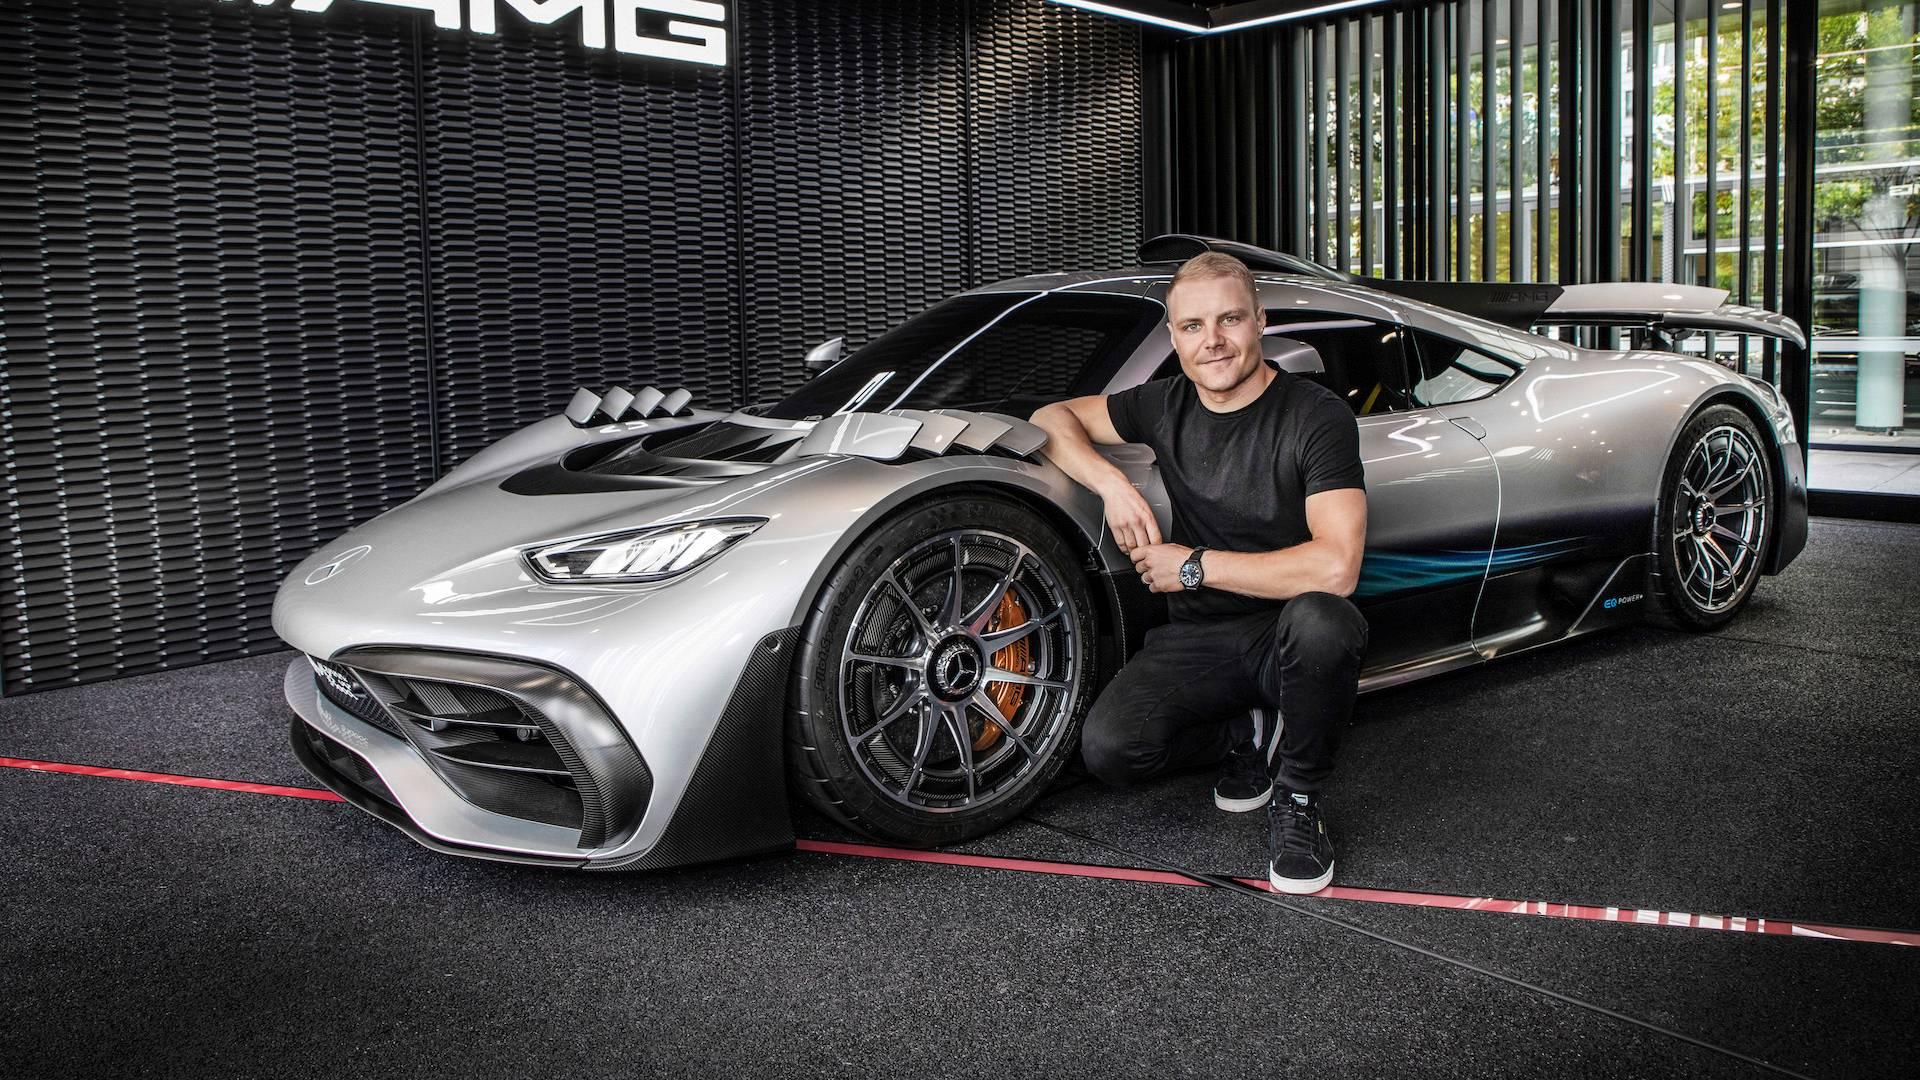 Все модели Mercedes-AMG станут подключаемыми гибридами 1